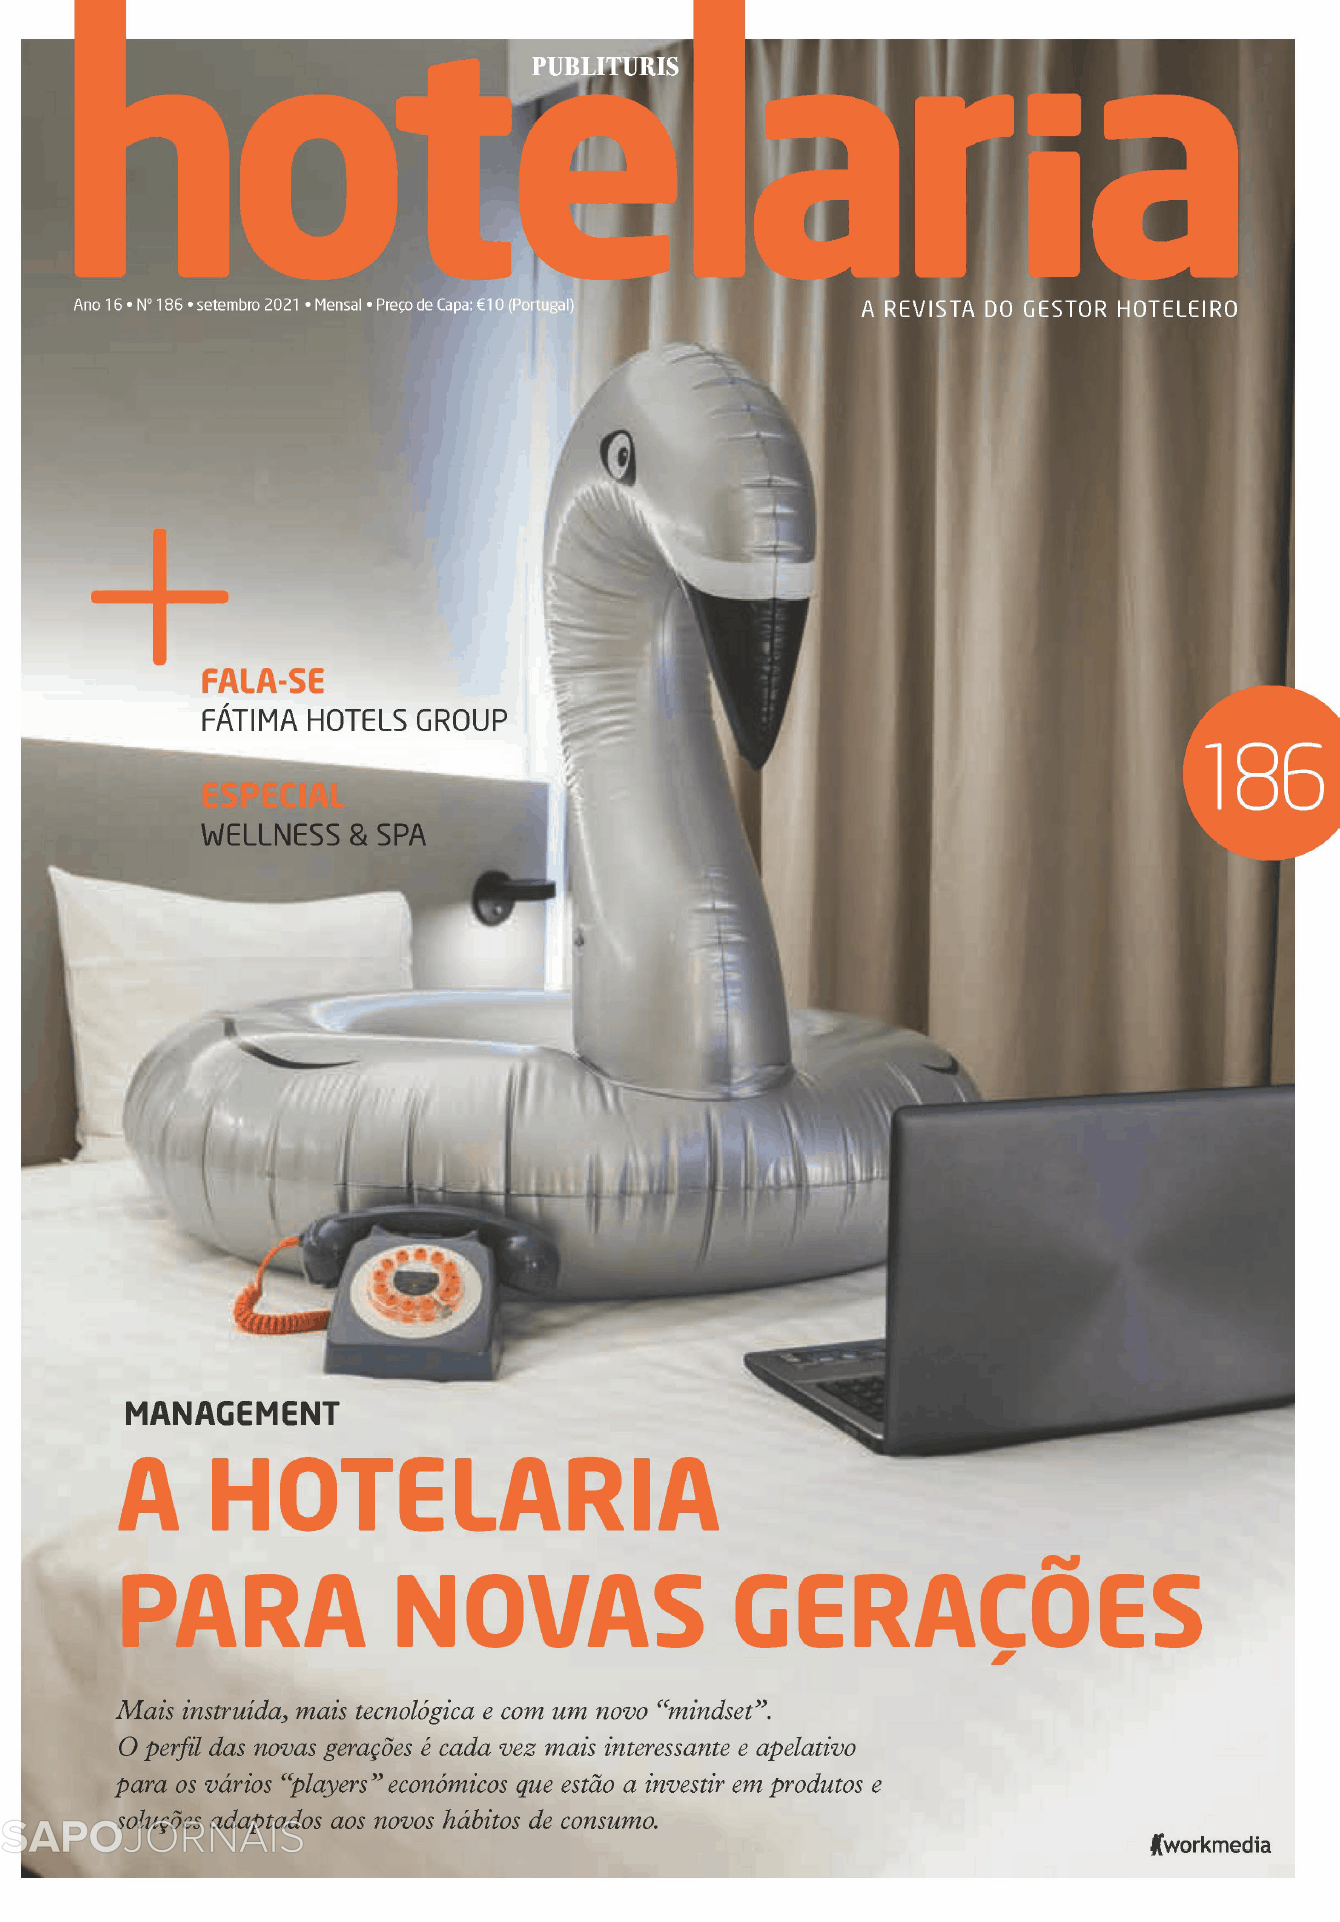 Hotelaria Publituris